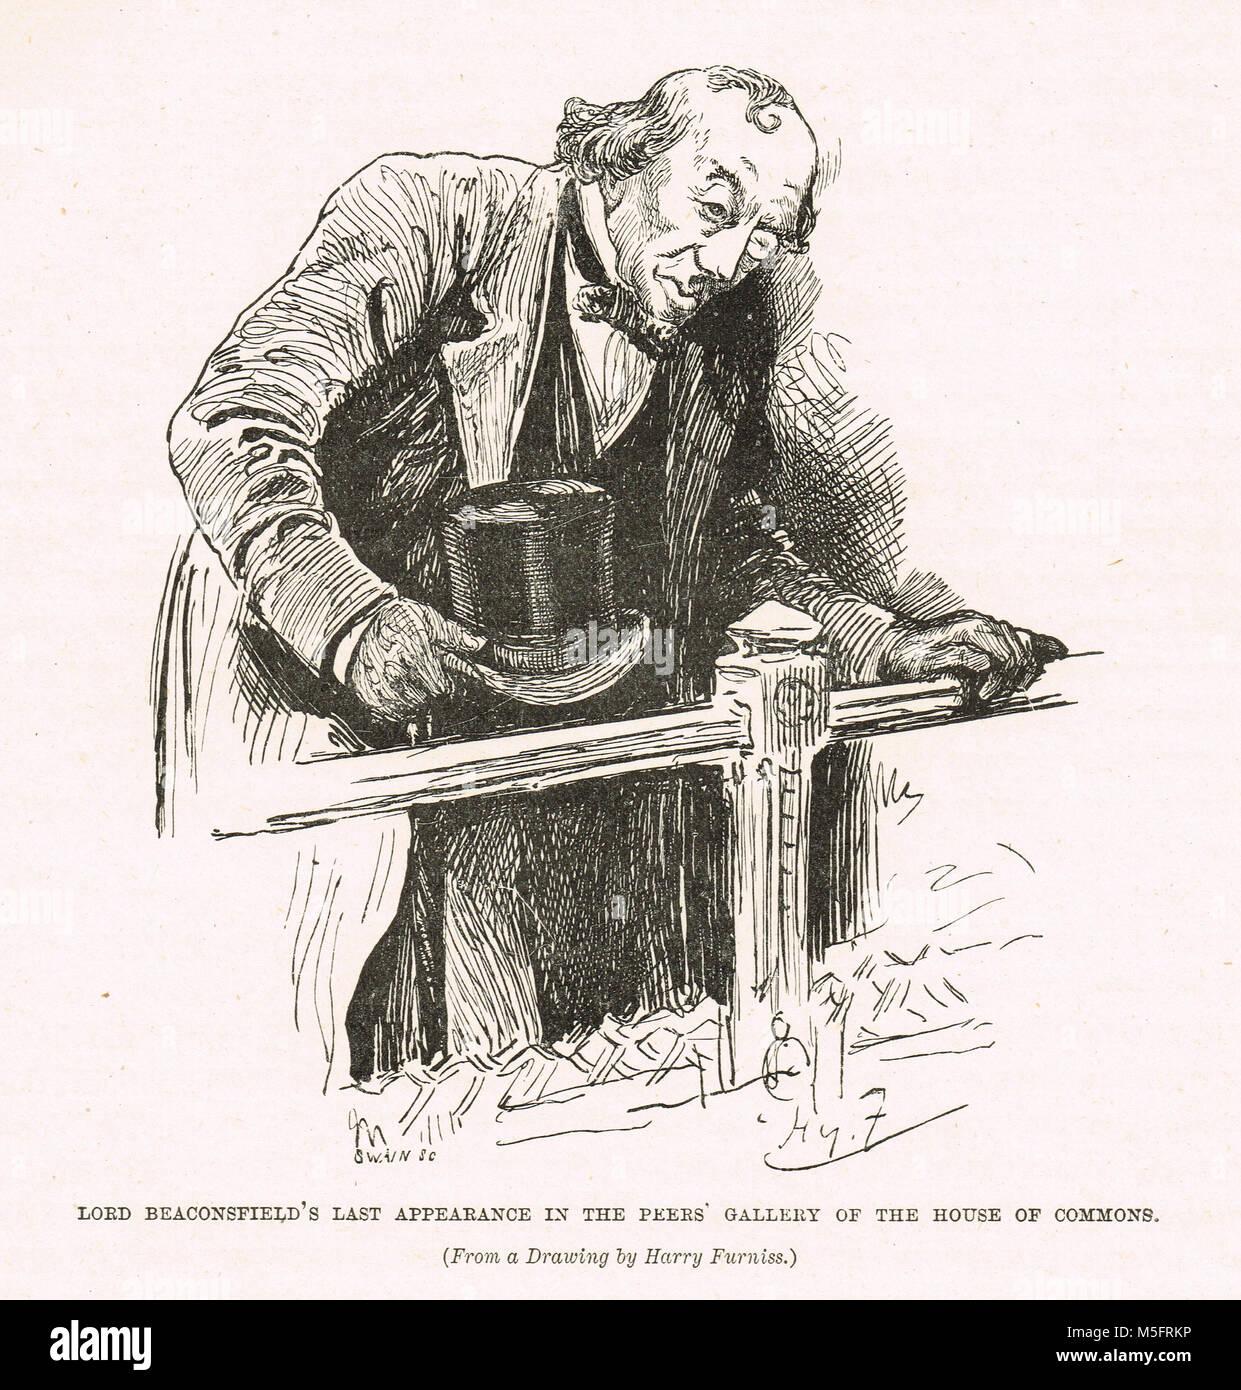 Benjamin Disraeli la última aparición en la galería de los compañeros, la cámara de los Imagen De Stock